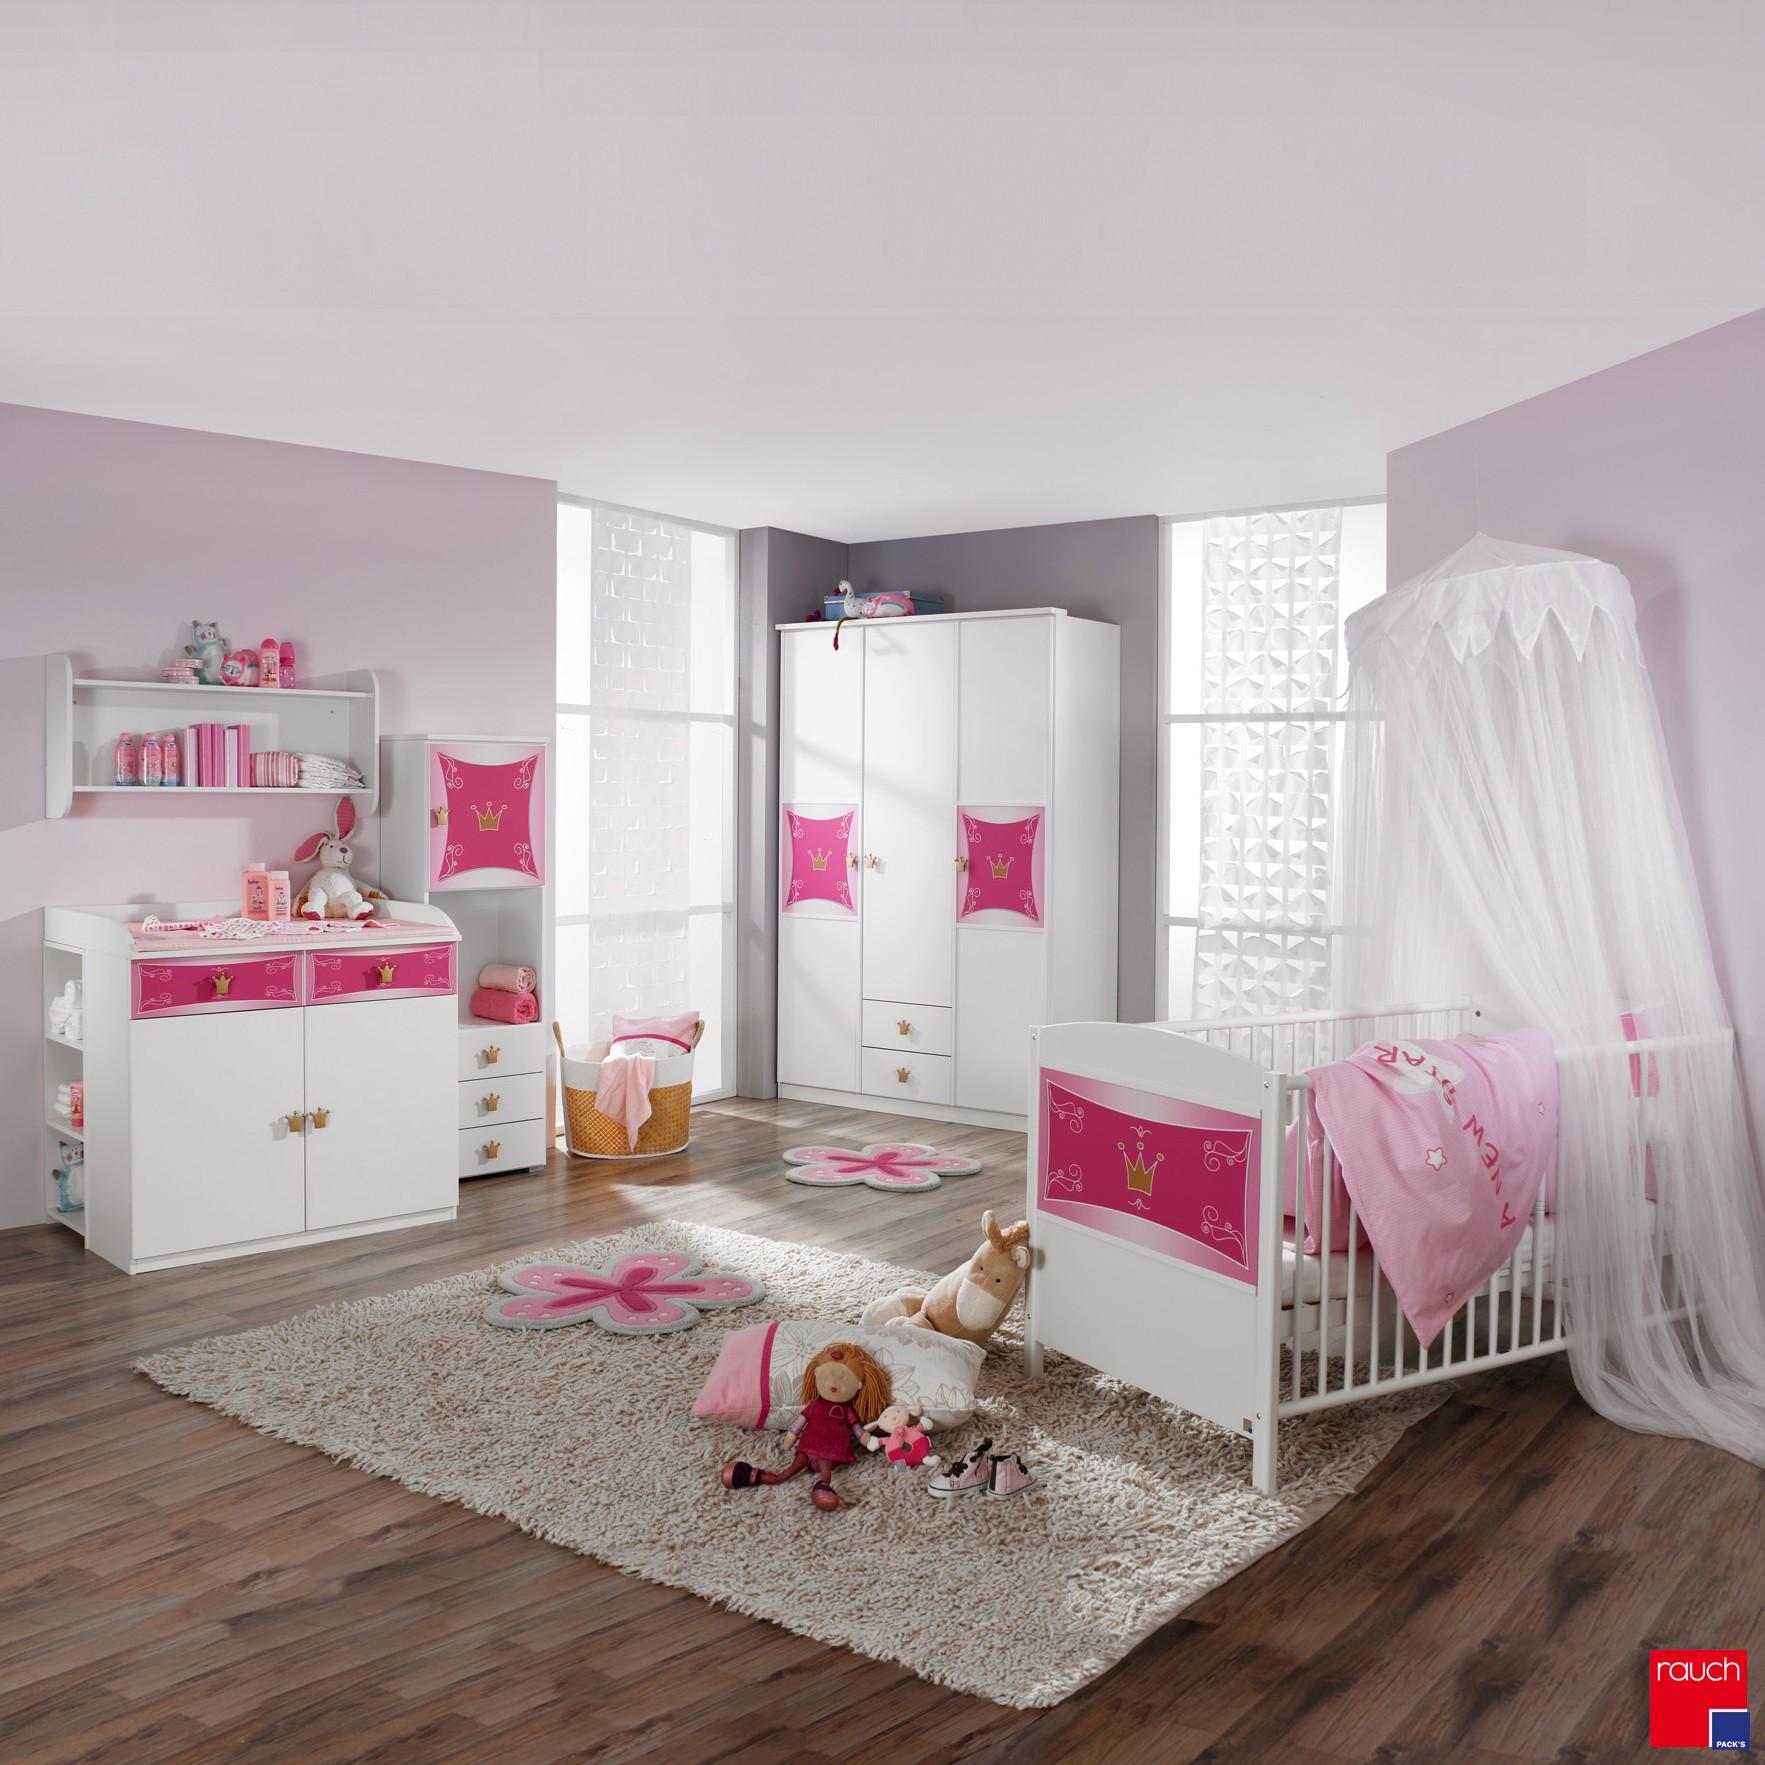 Ensemble économique Kate (3 éléments) - Lit pour bébé, commode à langer et armoire vêtements Blanc /